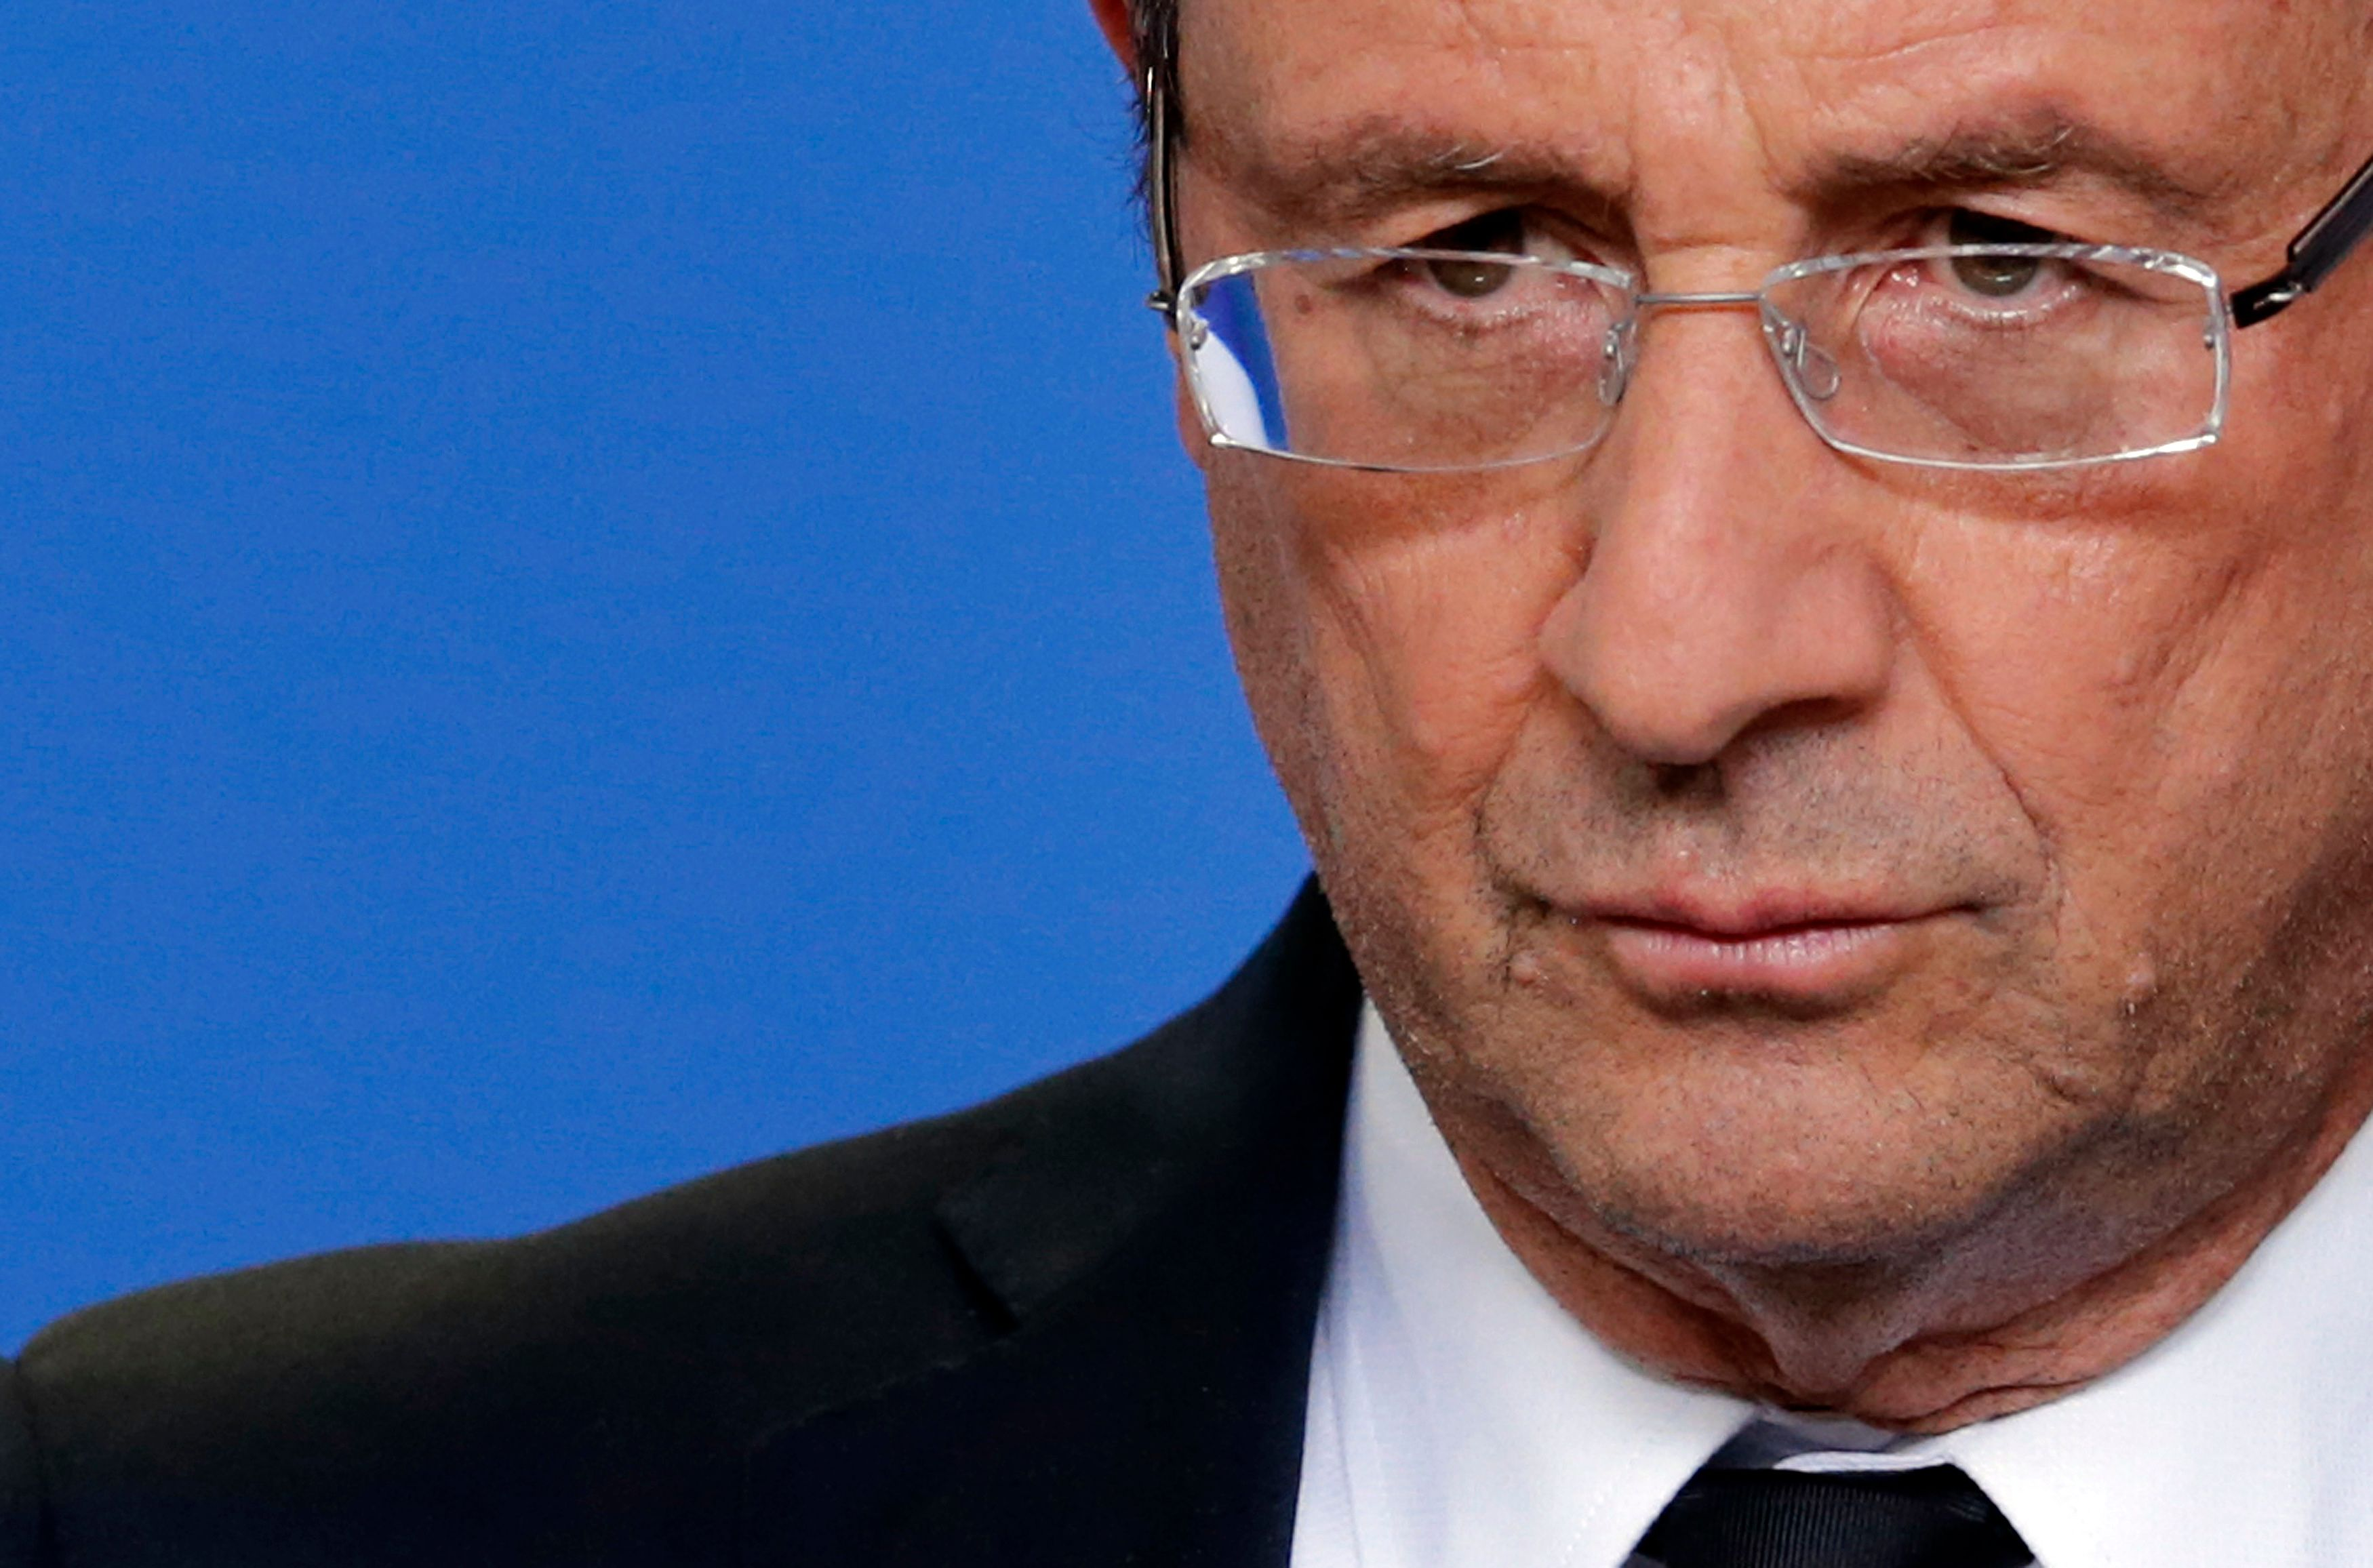 En France, le président frise la caricature, depuis dix-huit mois, alors que les problèmes sont très clairement identifiés.